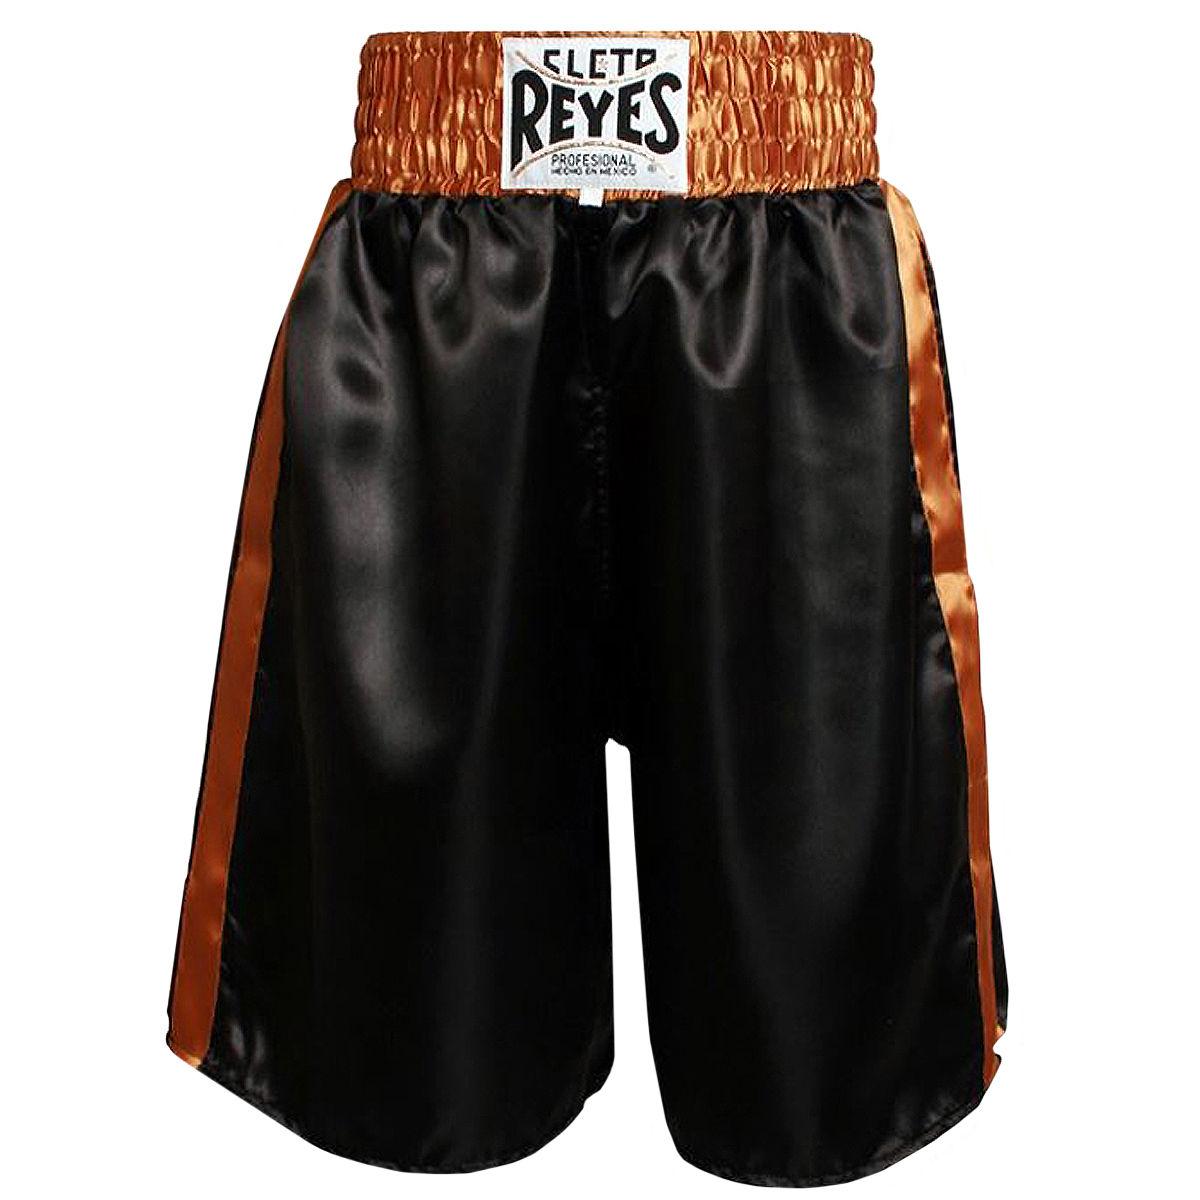 REYES レイジェス ボクシング パンツ ハーフパンツ ボクシングトランクス ブラックゴールド 黒